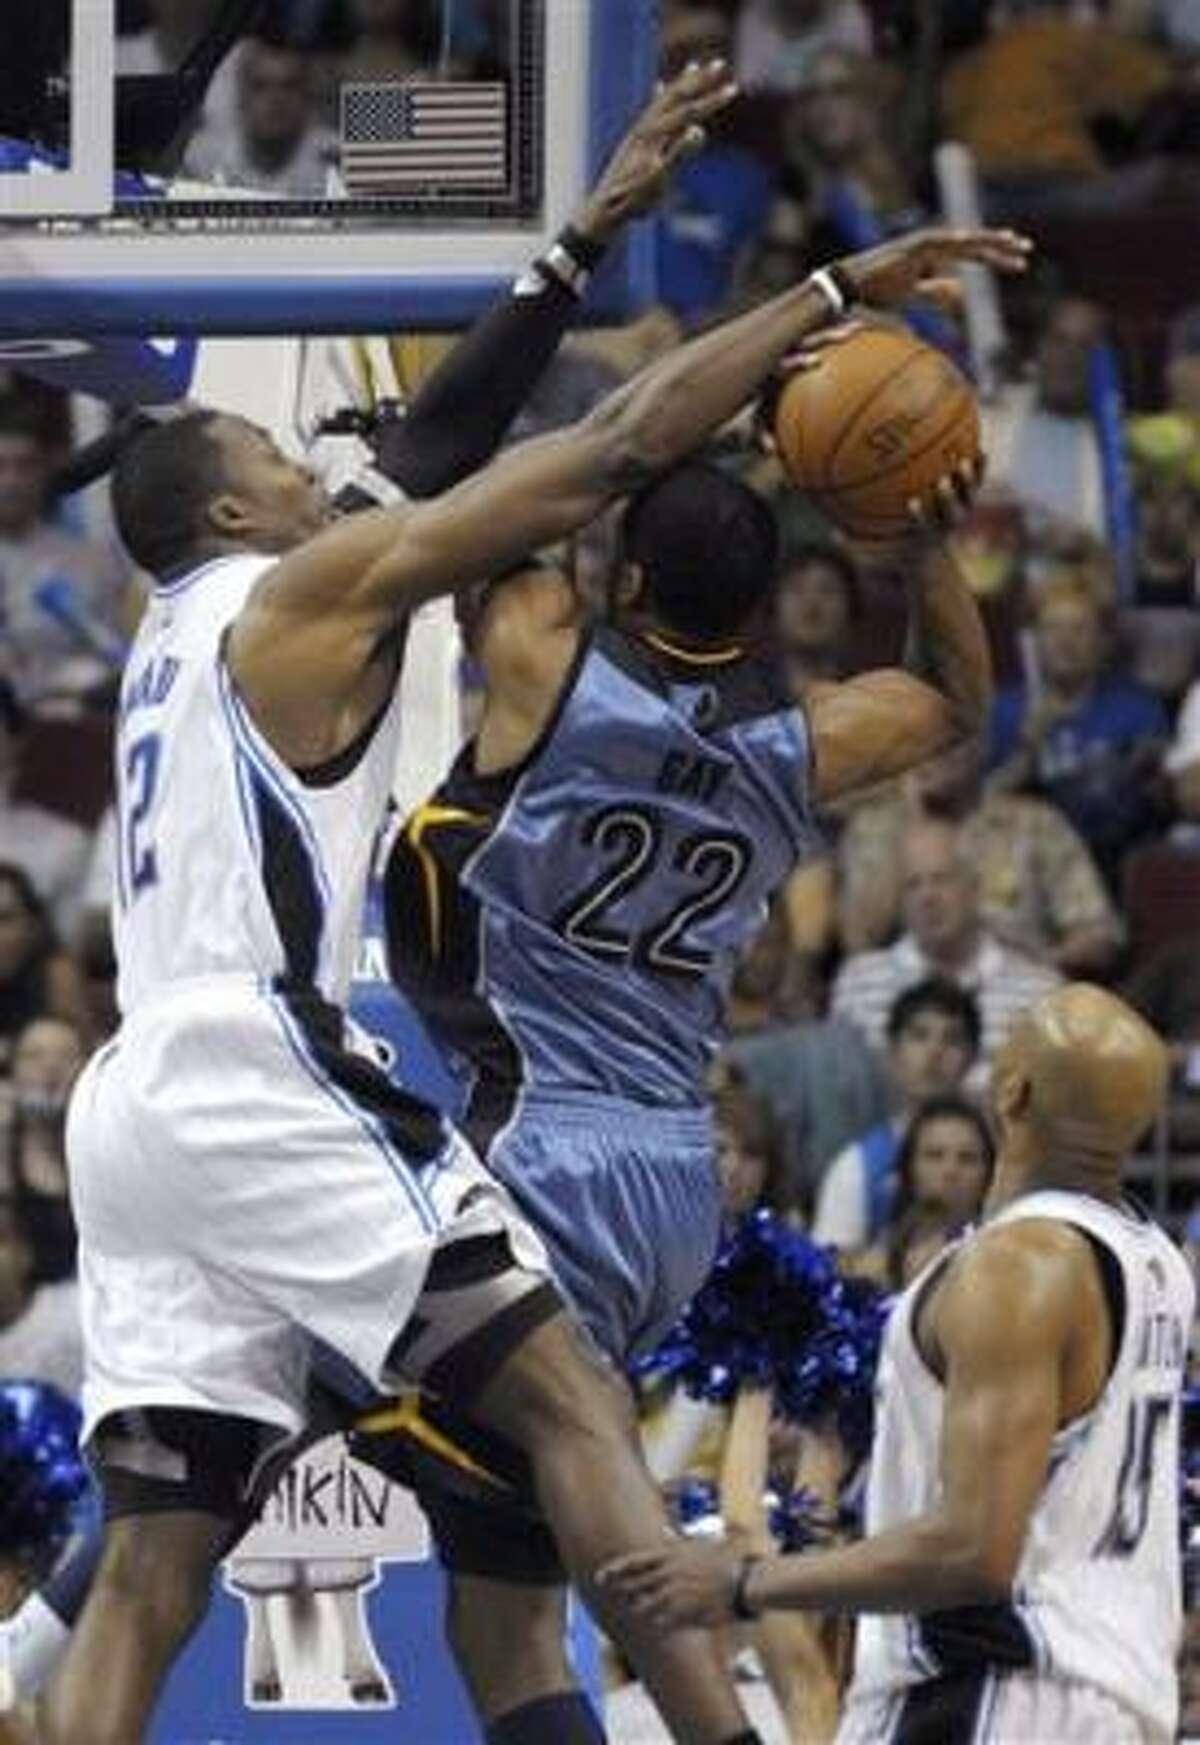 Foto de archivo del 4 de abril de 2010 del jugador del Magic de Orlando, Dwight Howard, izquierda, bloqueando un tiro de Rudy Gay de Memphis. Howard fue nombrado jugador defensivo del año de la NBA el martes, 20 de abril de 2010.